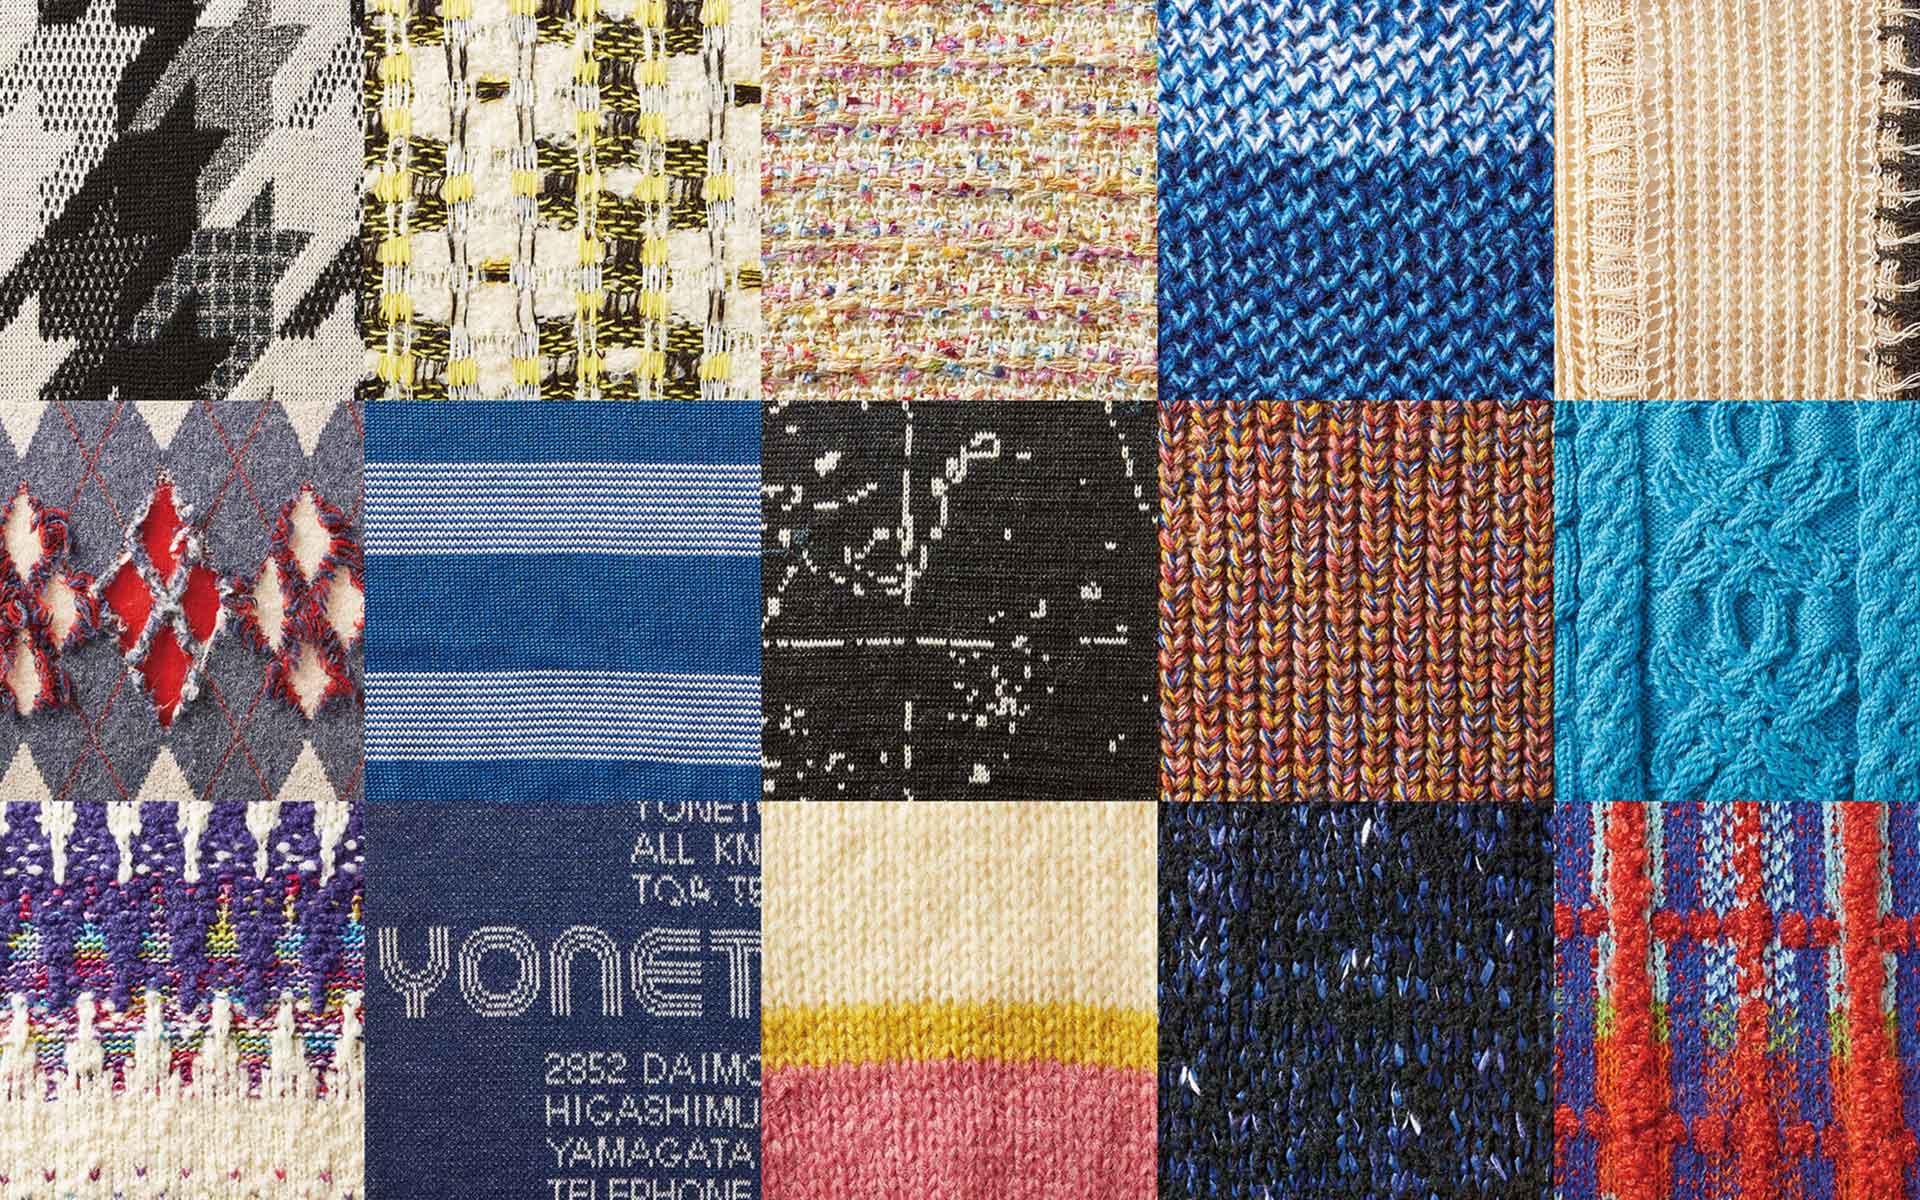 編物界の革命品。奇跡のニット〈COOHEM〉は2万枚もの試作から生まれた